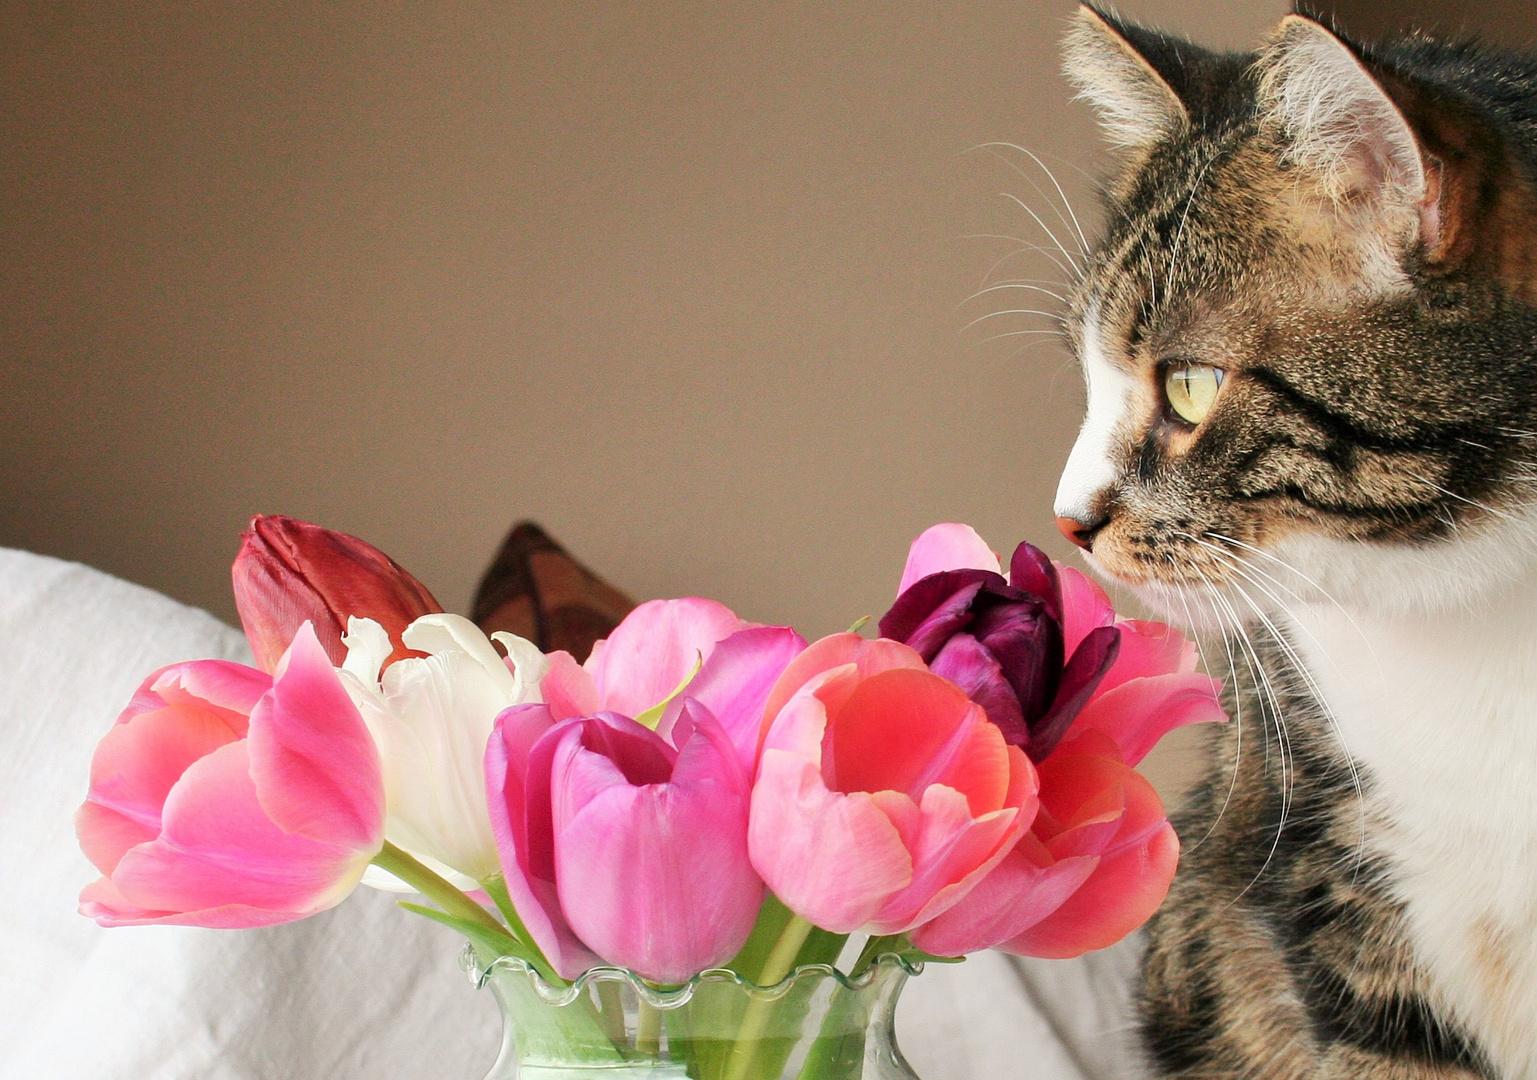 Bumsti schnuppert an den Tulpen